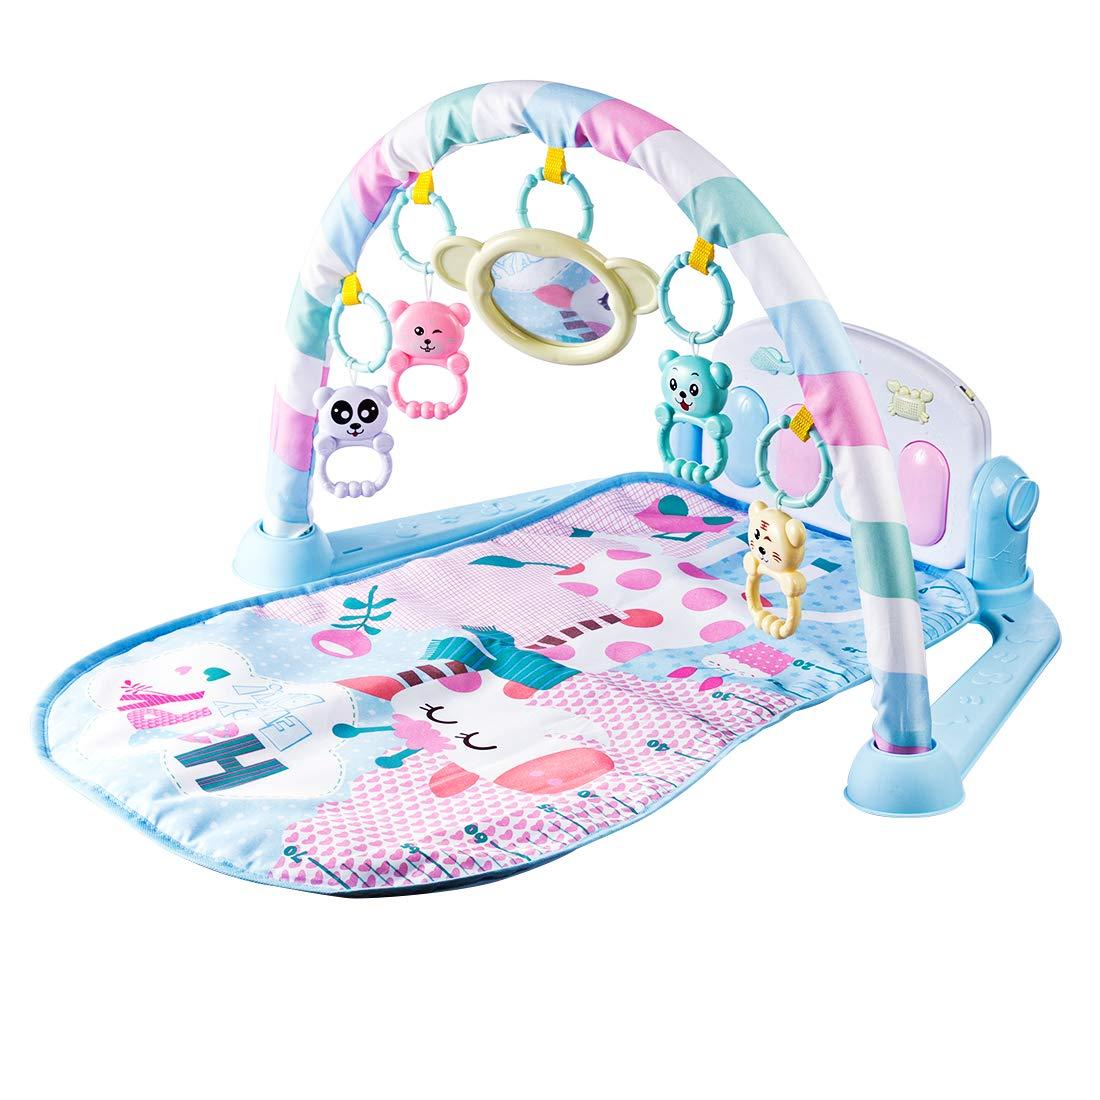 Giplar Spielmatte für Babys, Krabbeldecke mit Musik Babybett Musik-Activity Gym Spielzeug, ab 0 Monaten